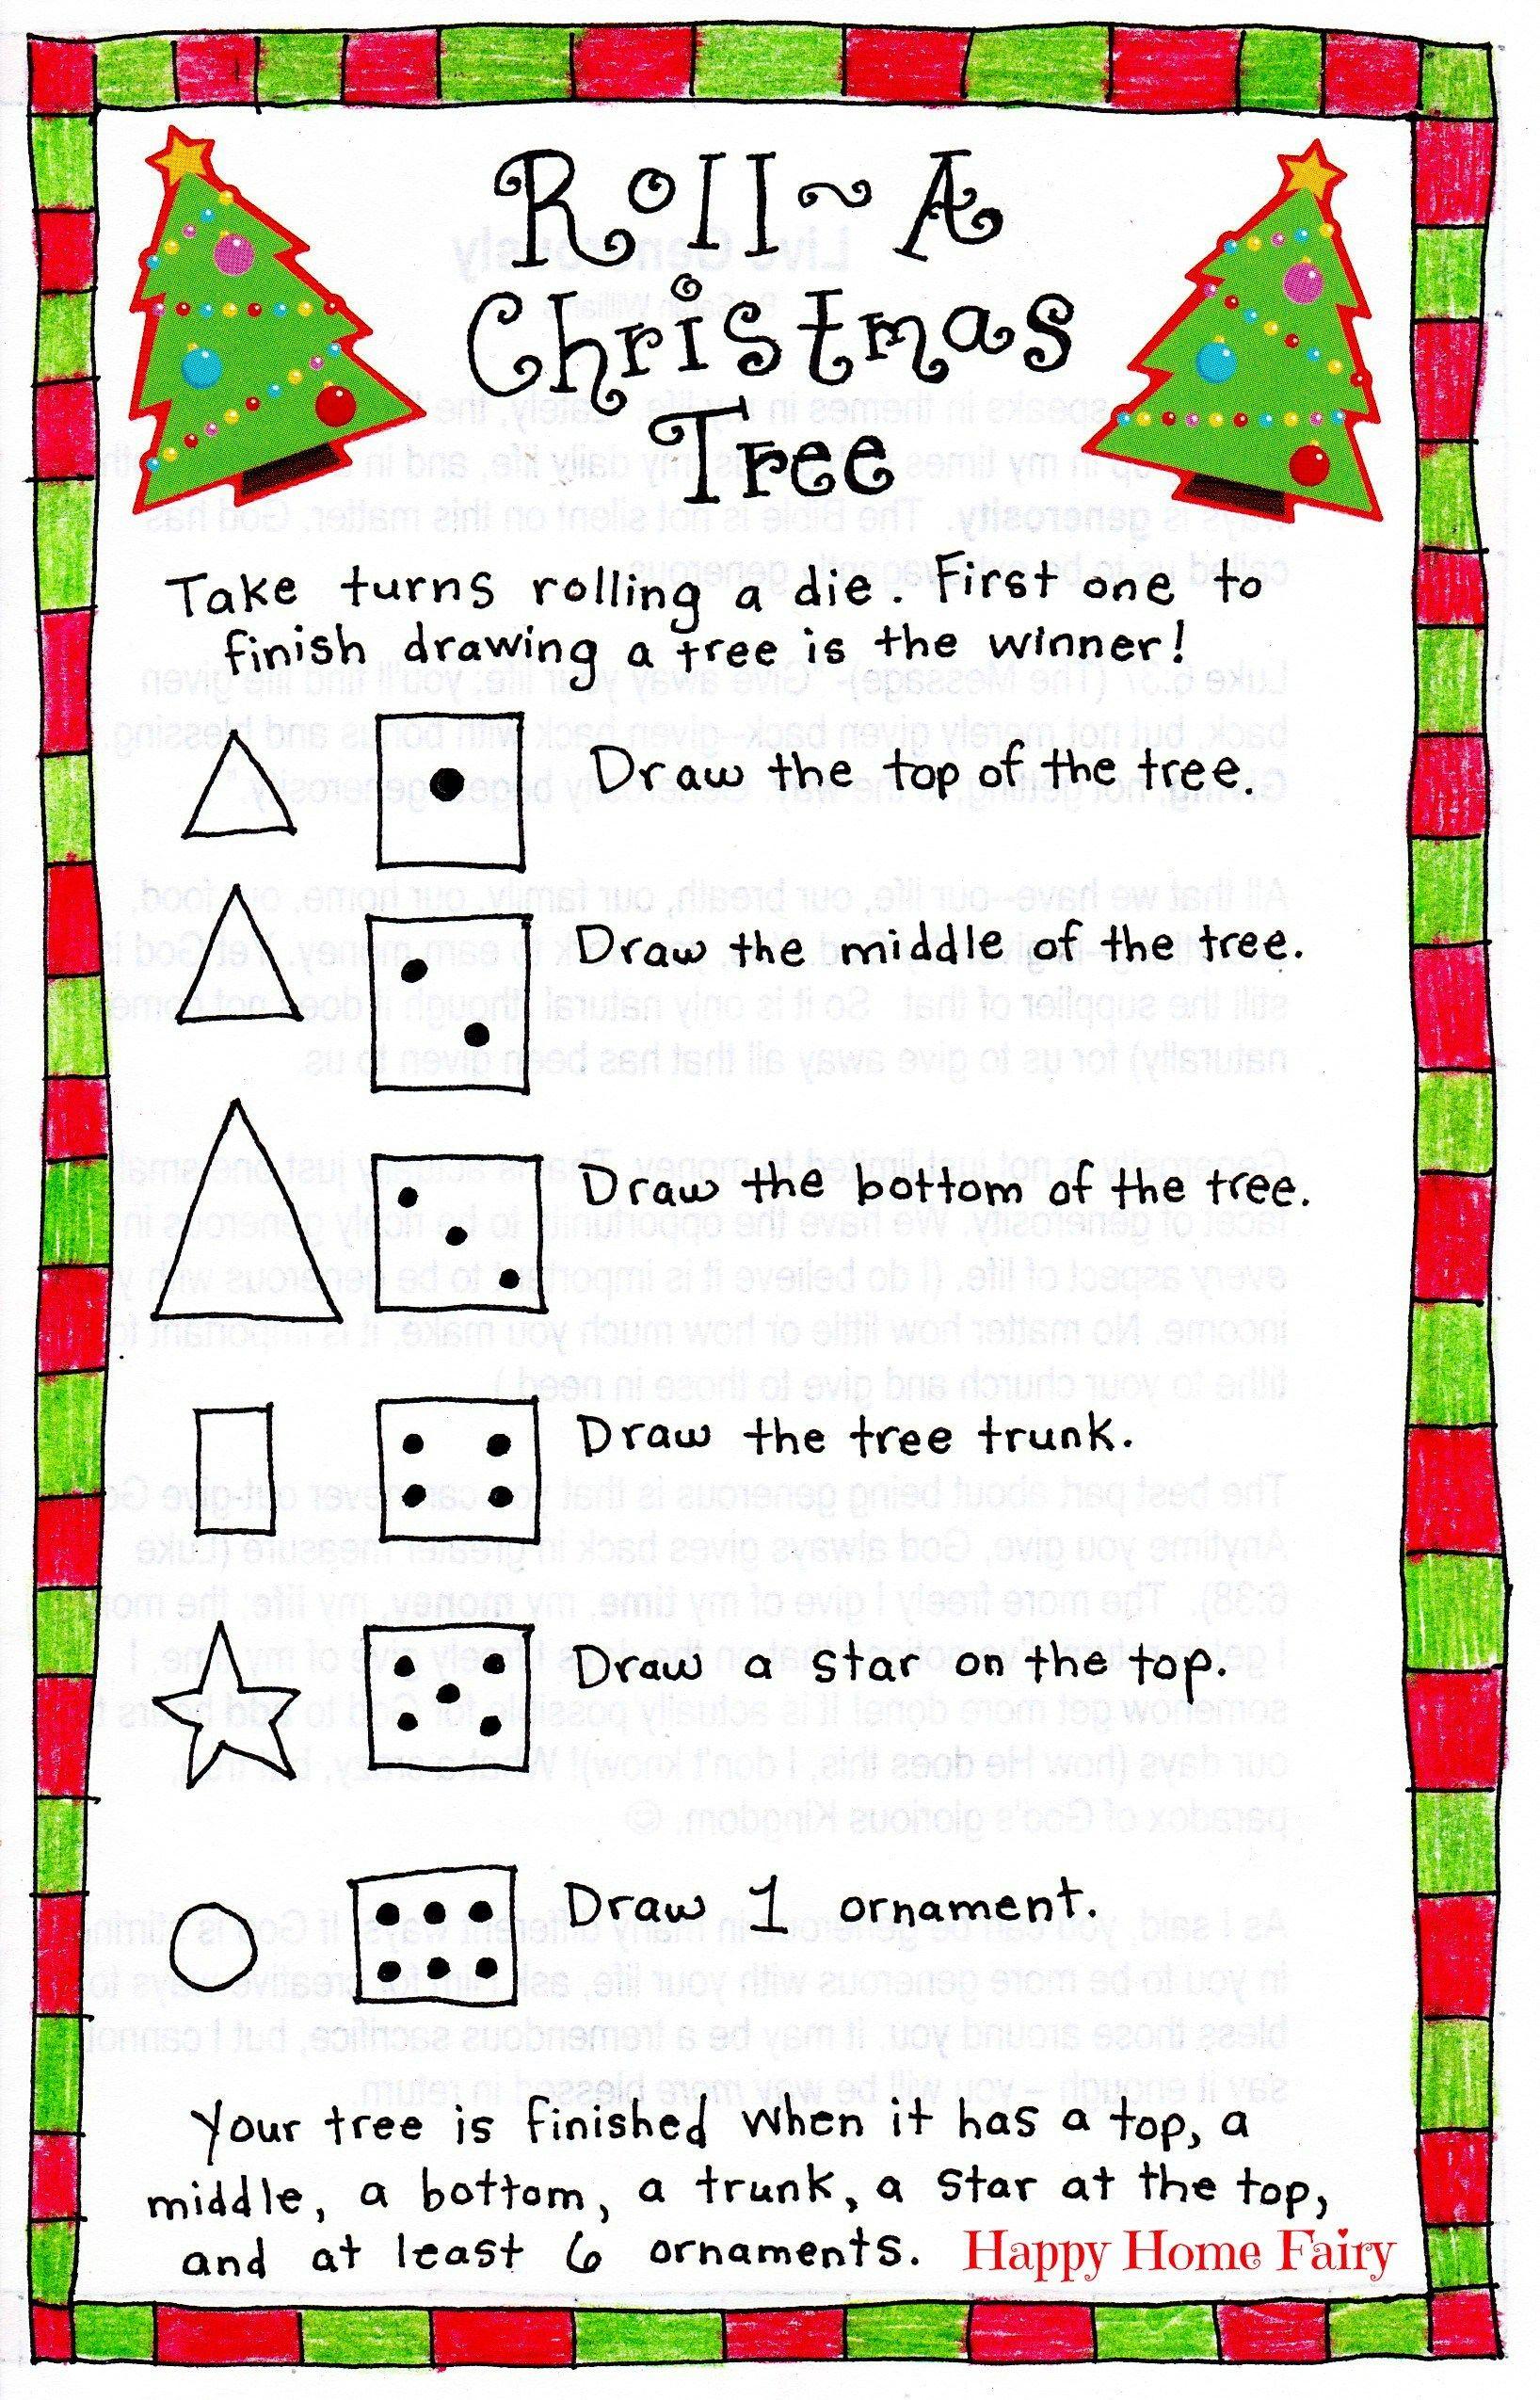 Roll-A-Christmas-Tree Game – Free Printable! | Christmas | Pinterest - Free Printable Christmas Puzzle Games